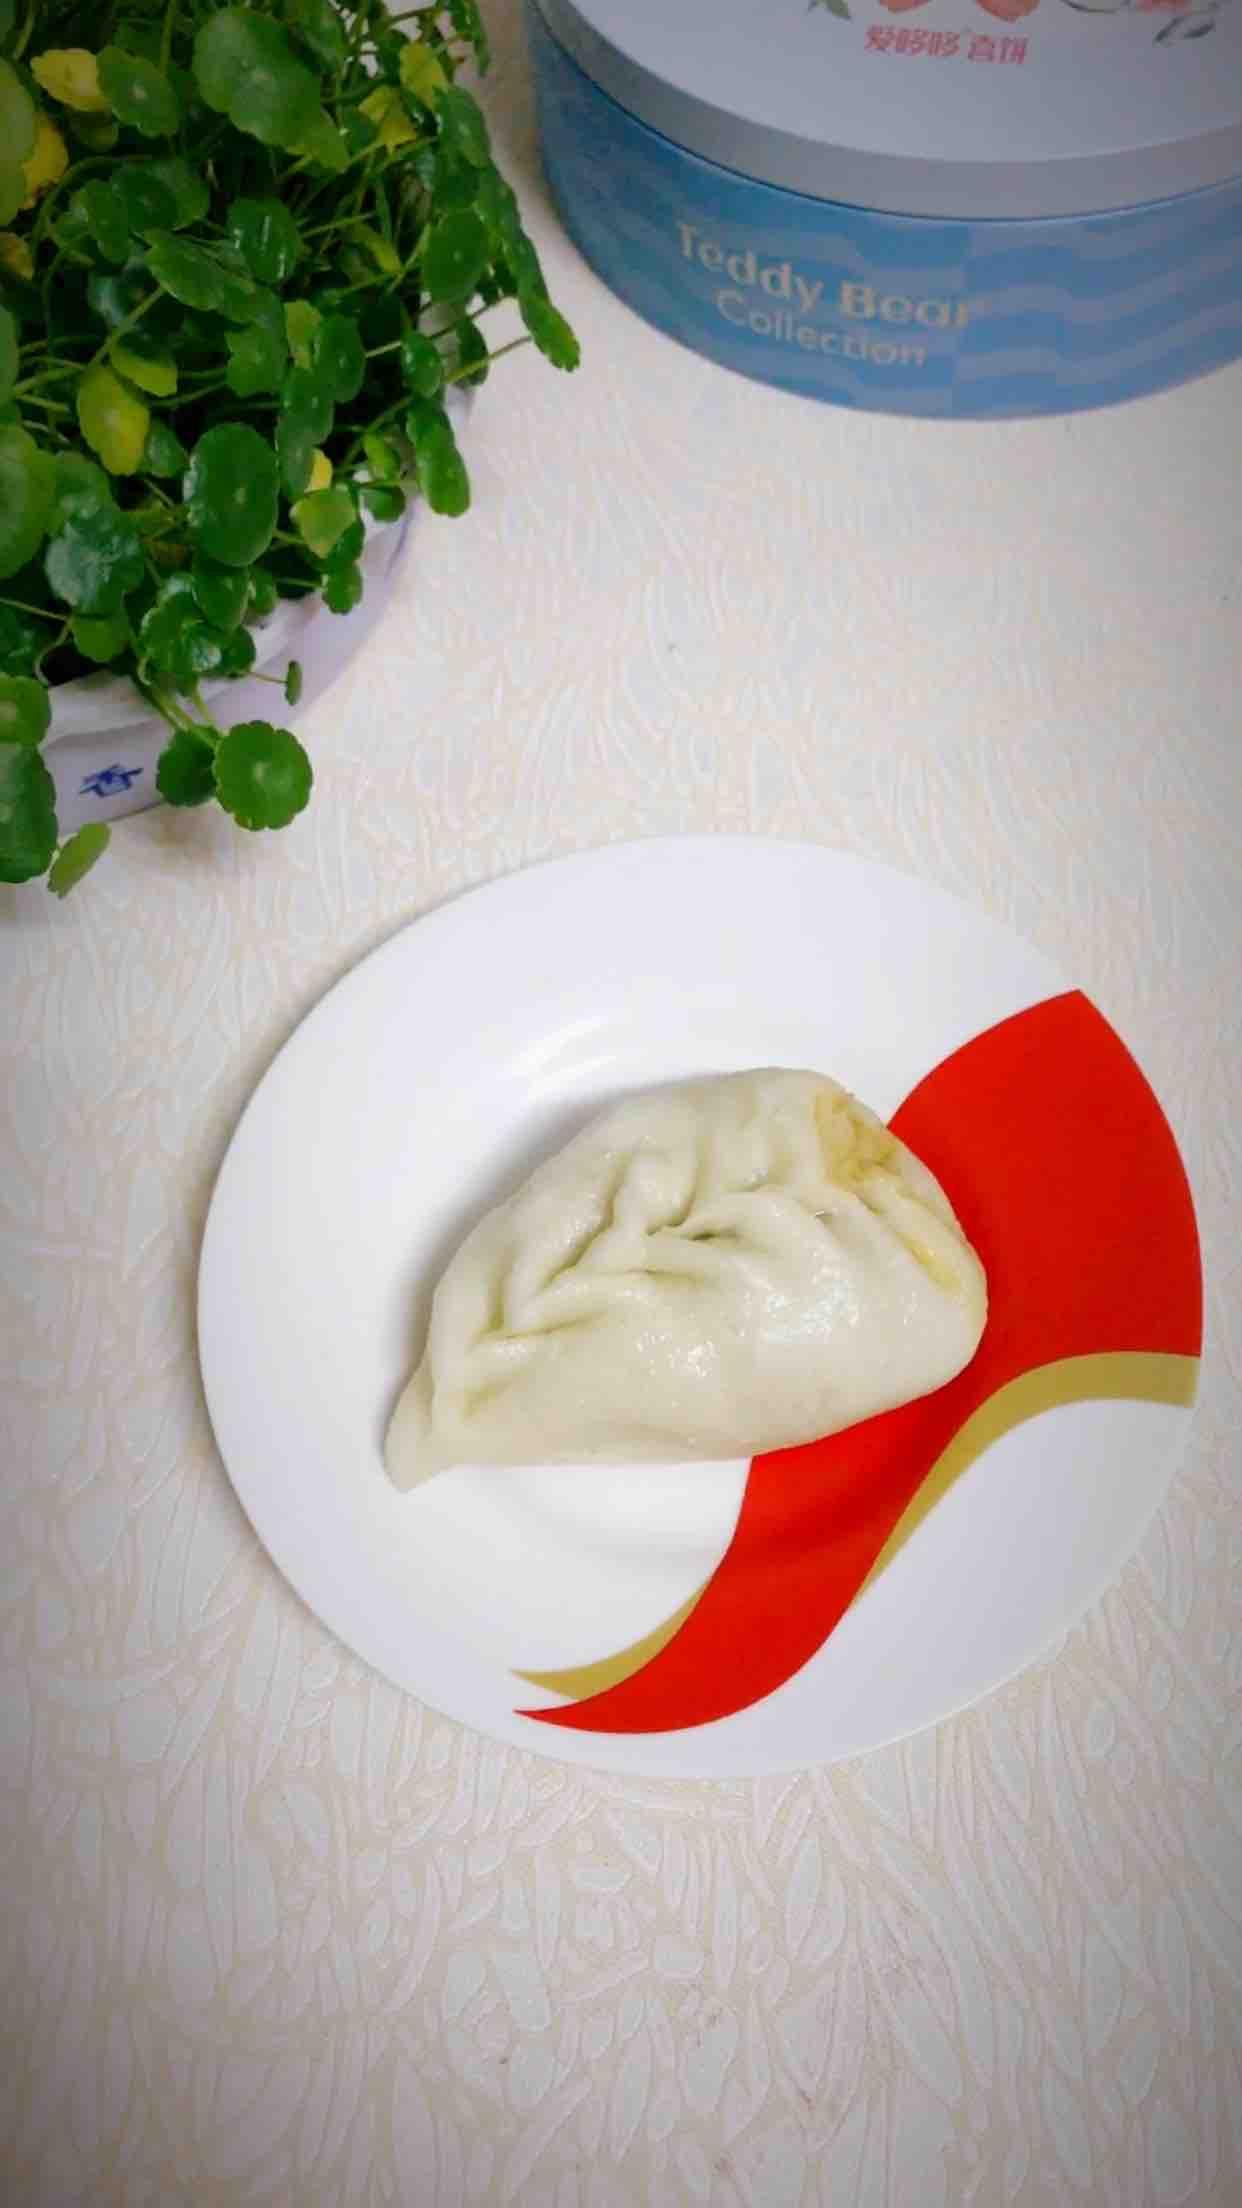 腌菜鲜肉柳叶包成品图